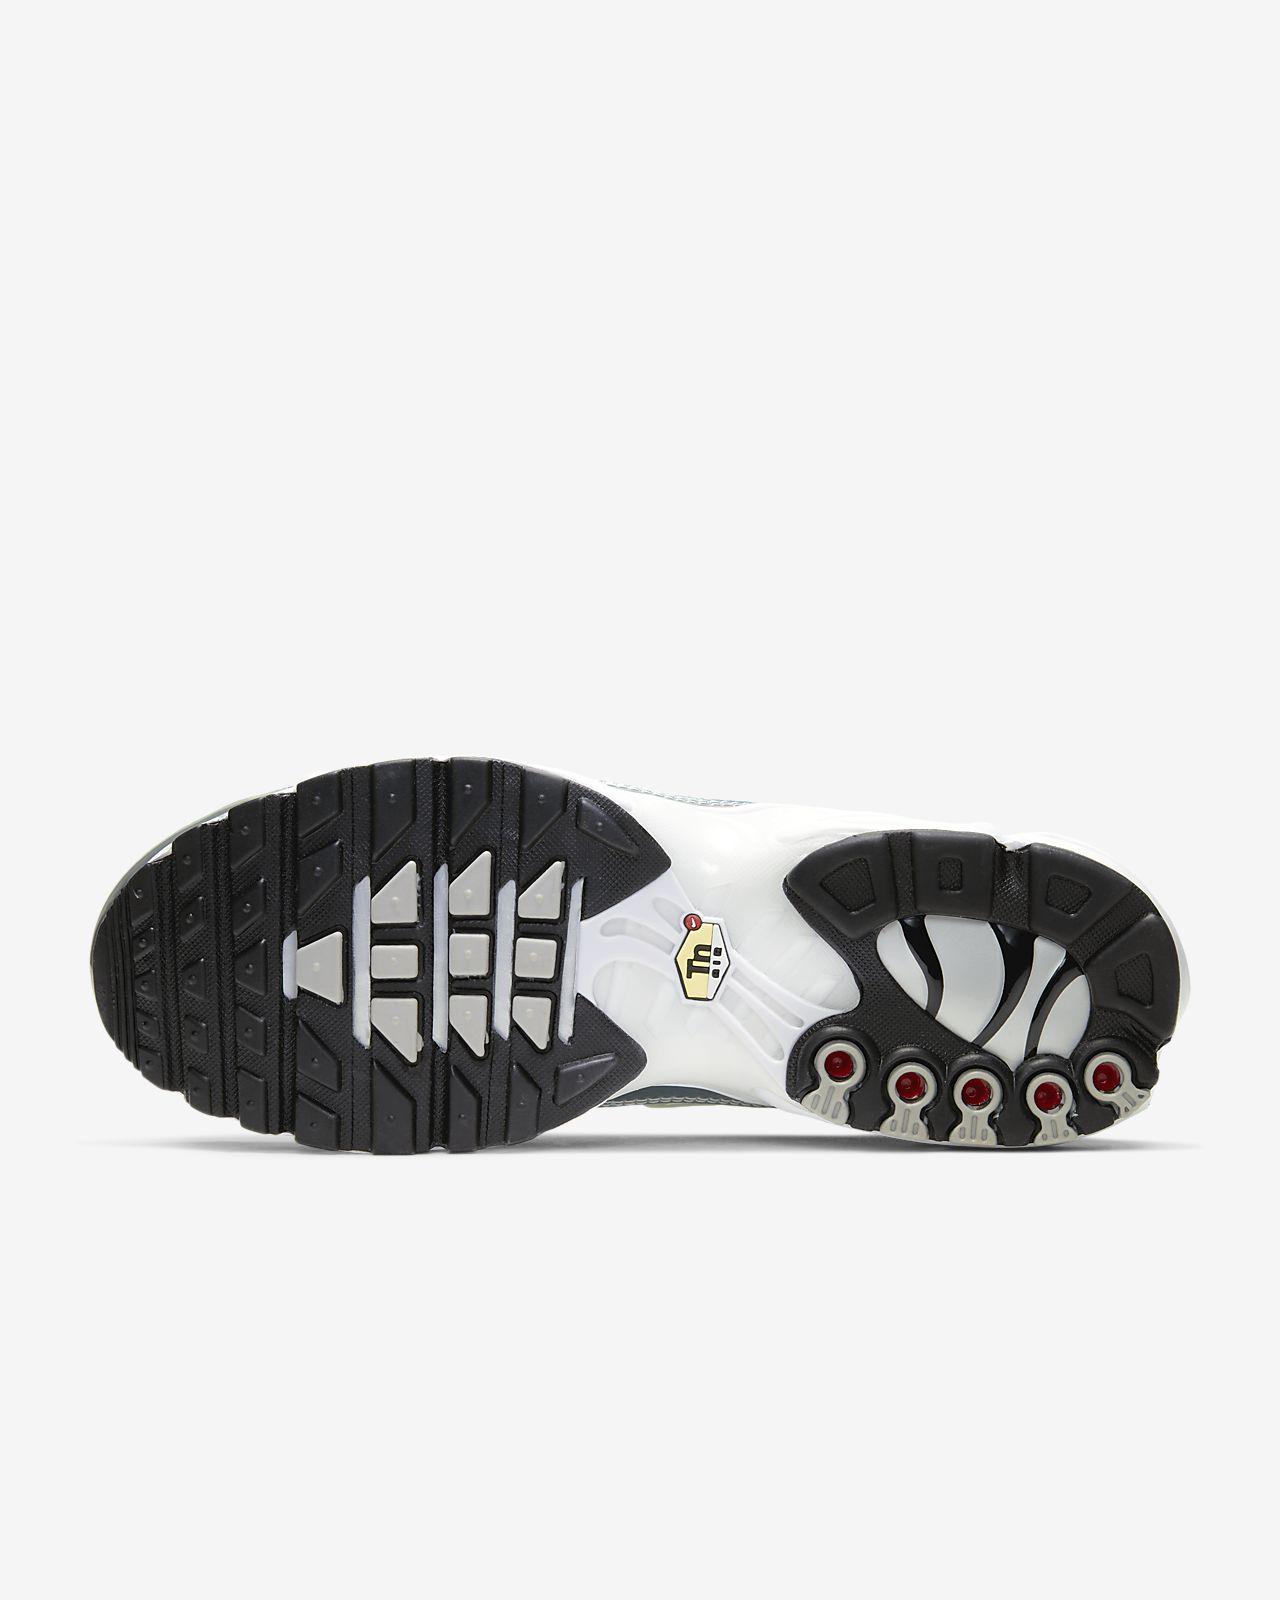 Nike Air Max Plus Herenschoen